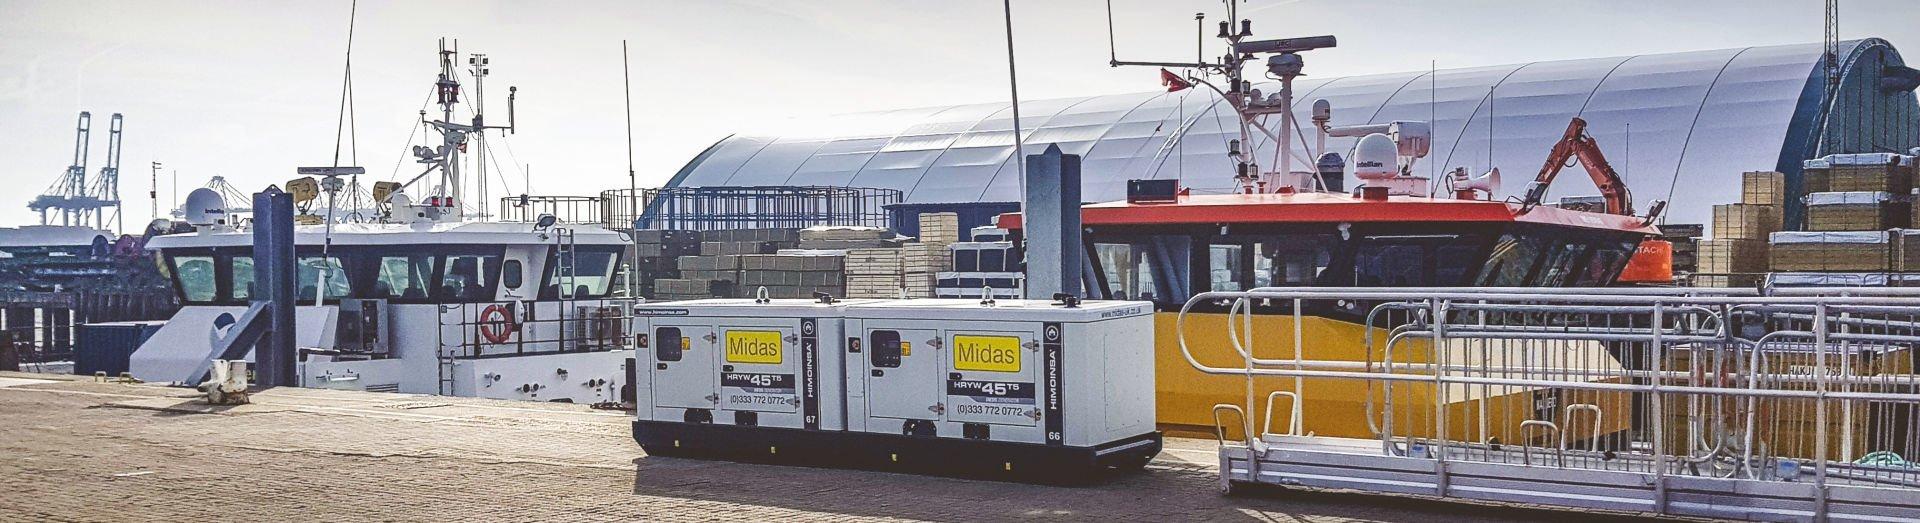 diesel generator hire marine offshore test#1